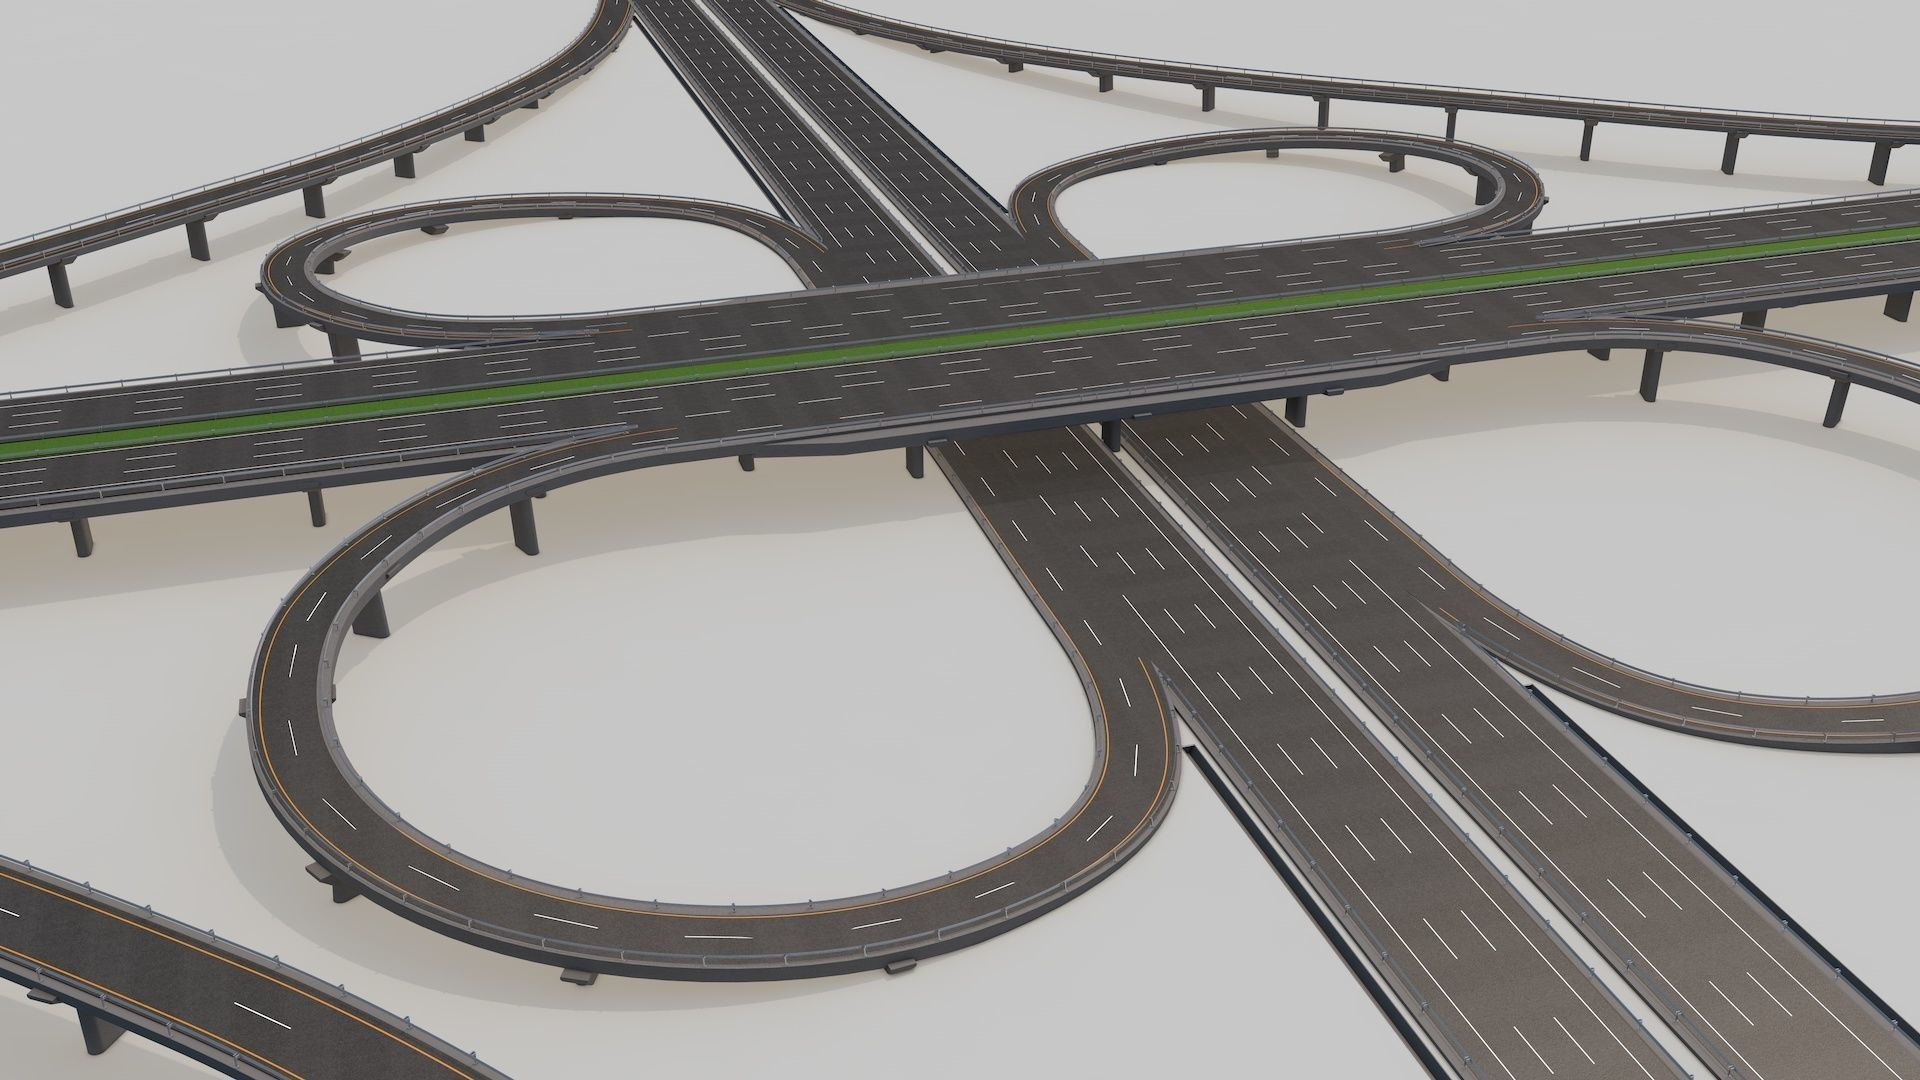 Highway Intersection Road Bridge